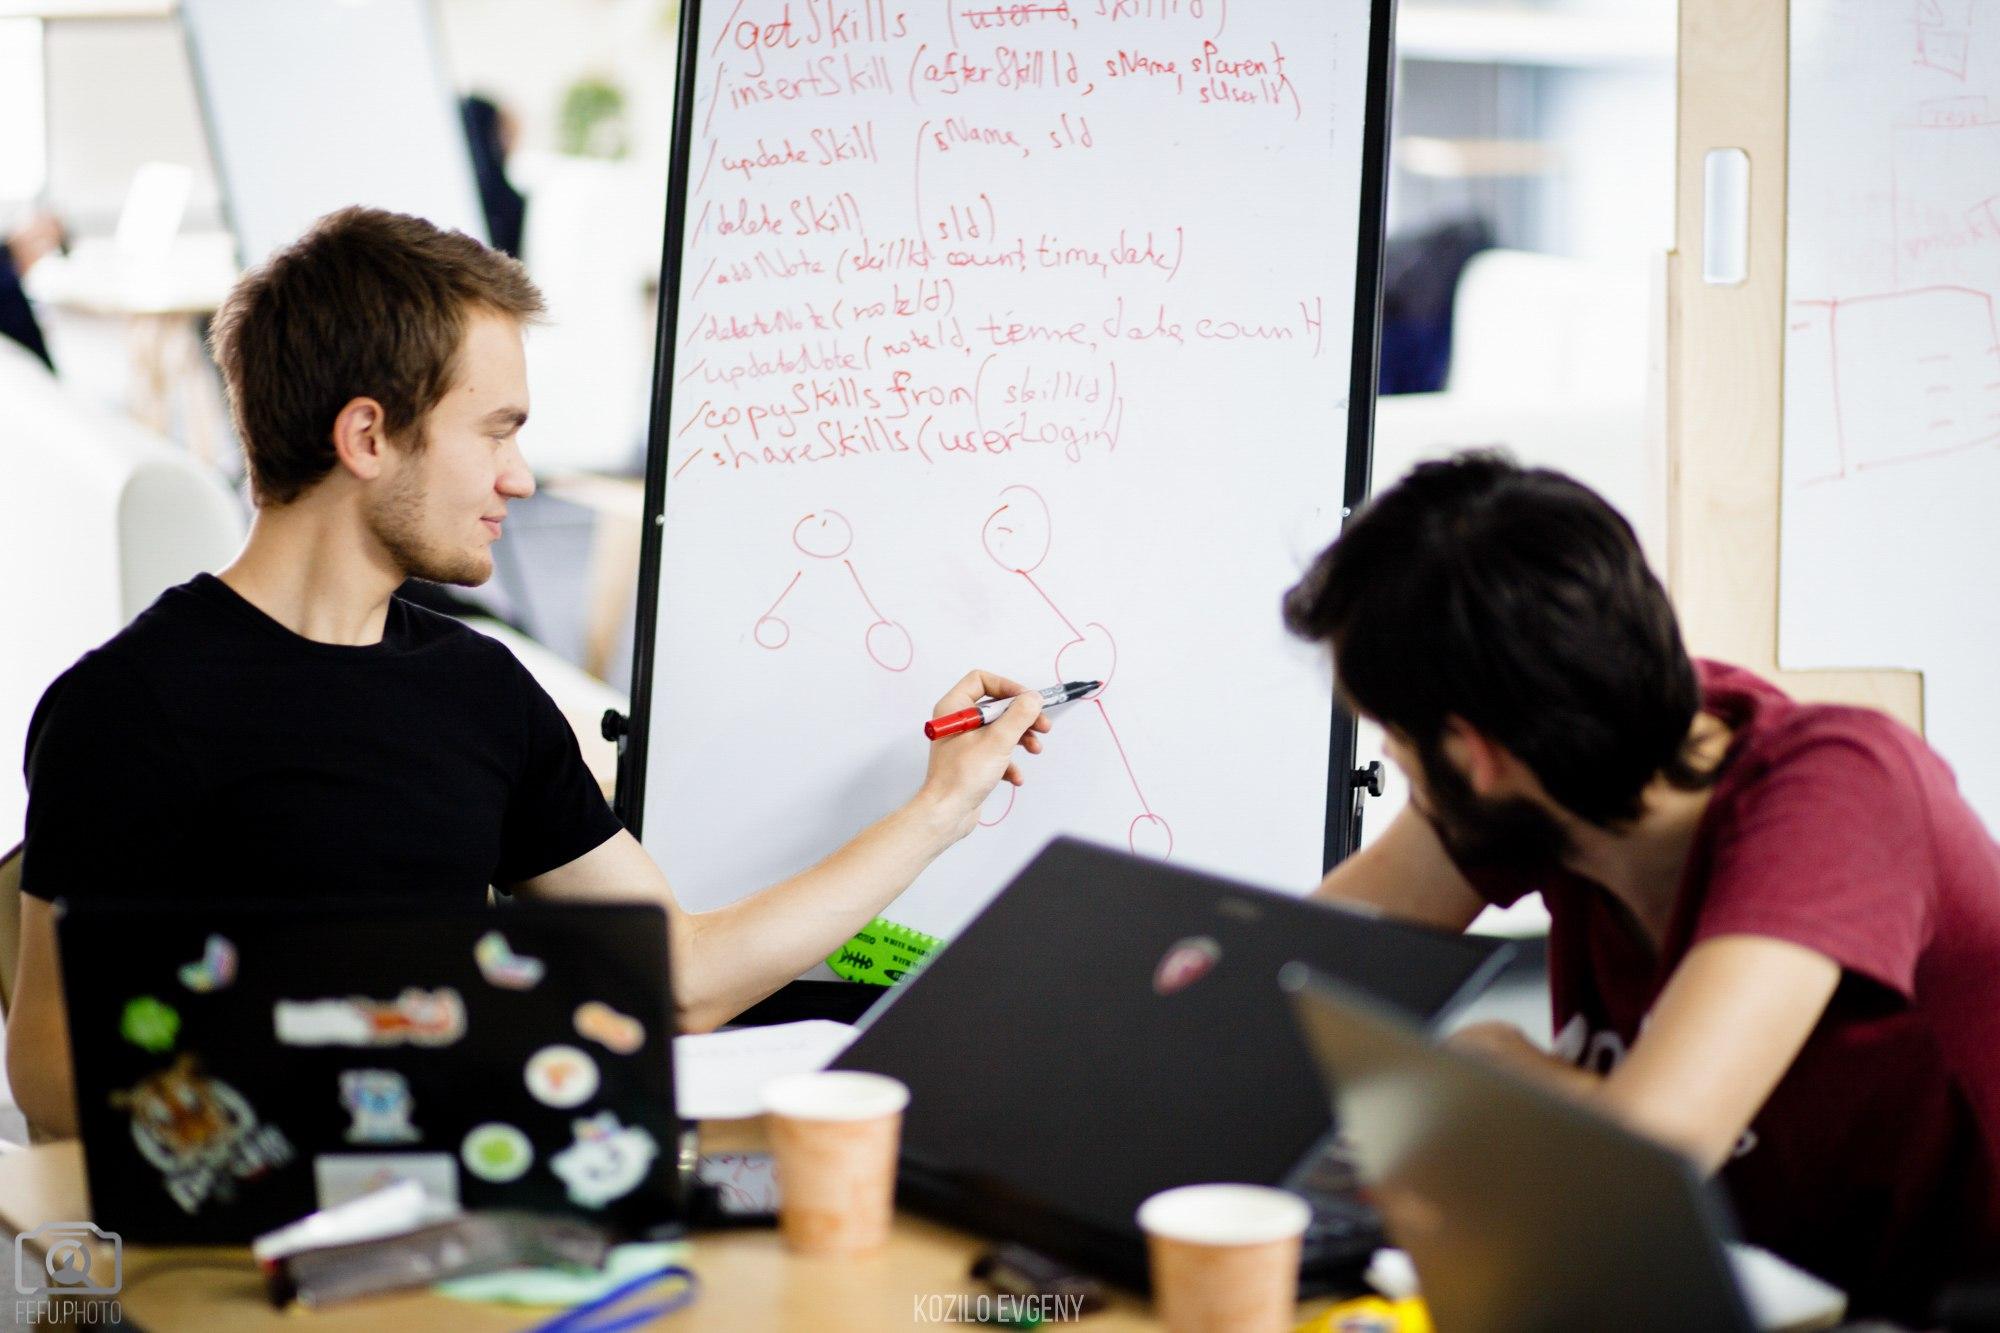 Первокурсники запустили в ДВФУ клуб «Маяк» для начинающих программистов и веб-дизайнеров